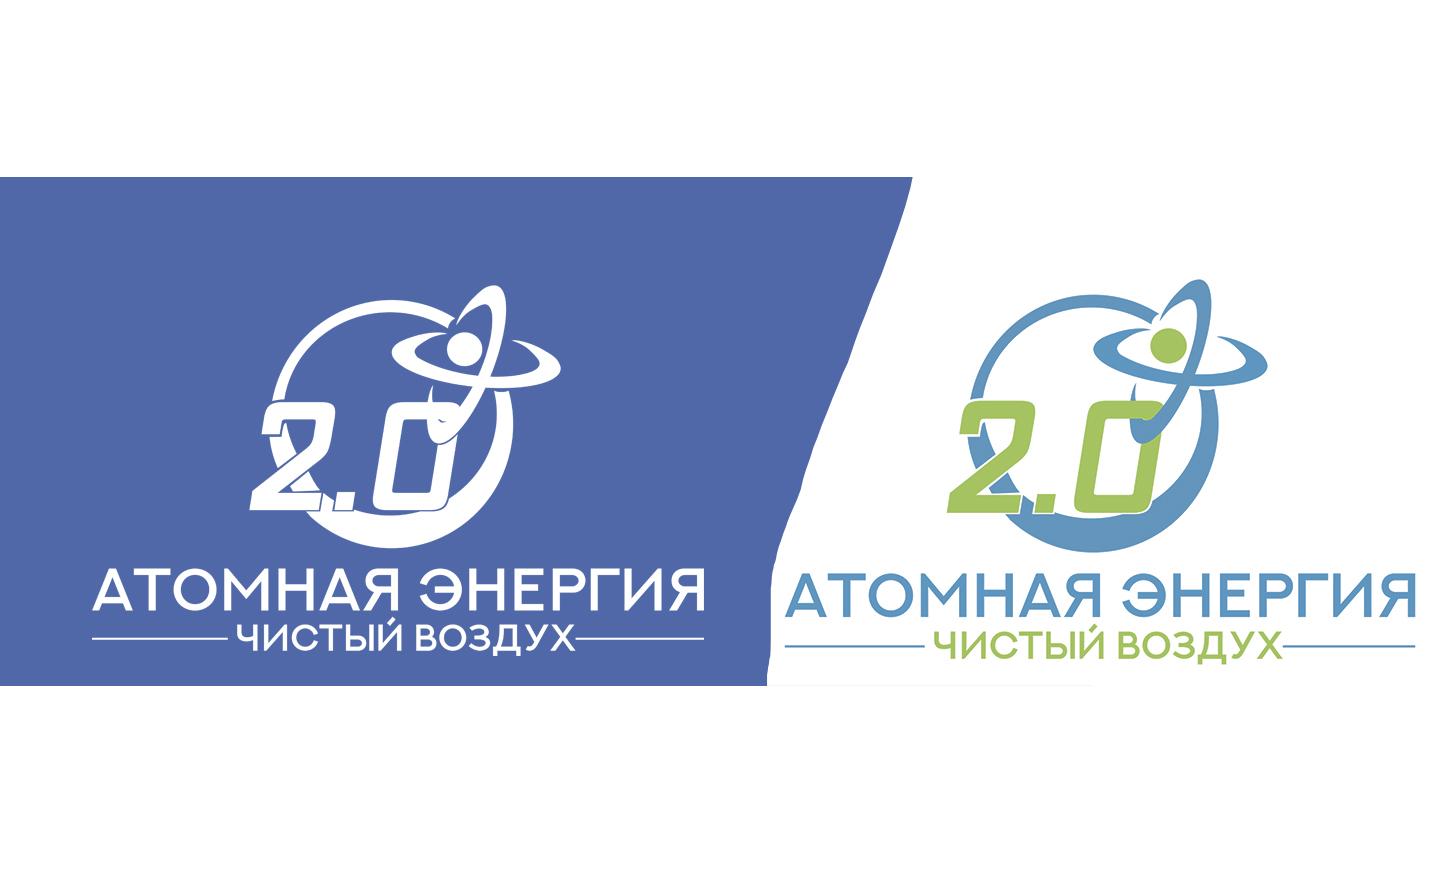 """Фирменный стиль для научного портала """"Атомная энергия 2.0"""" фото f_52459dbeea1d8193.jpg"""